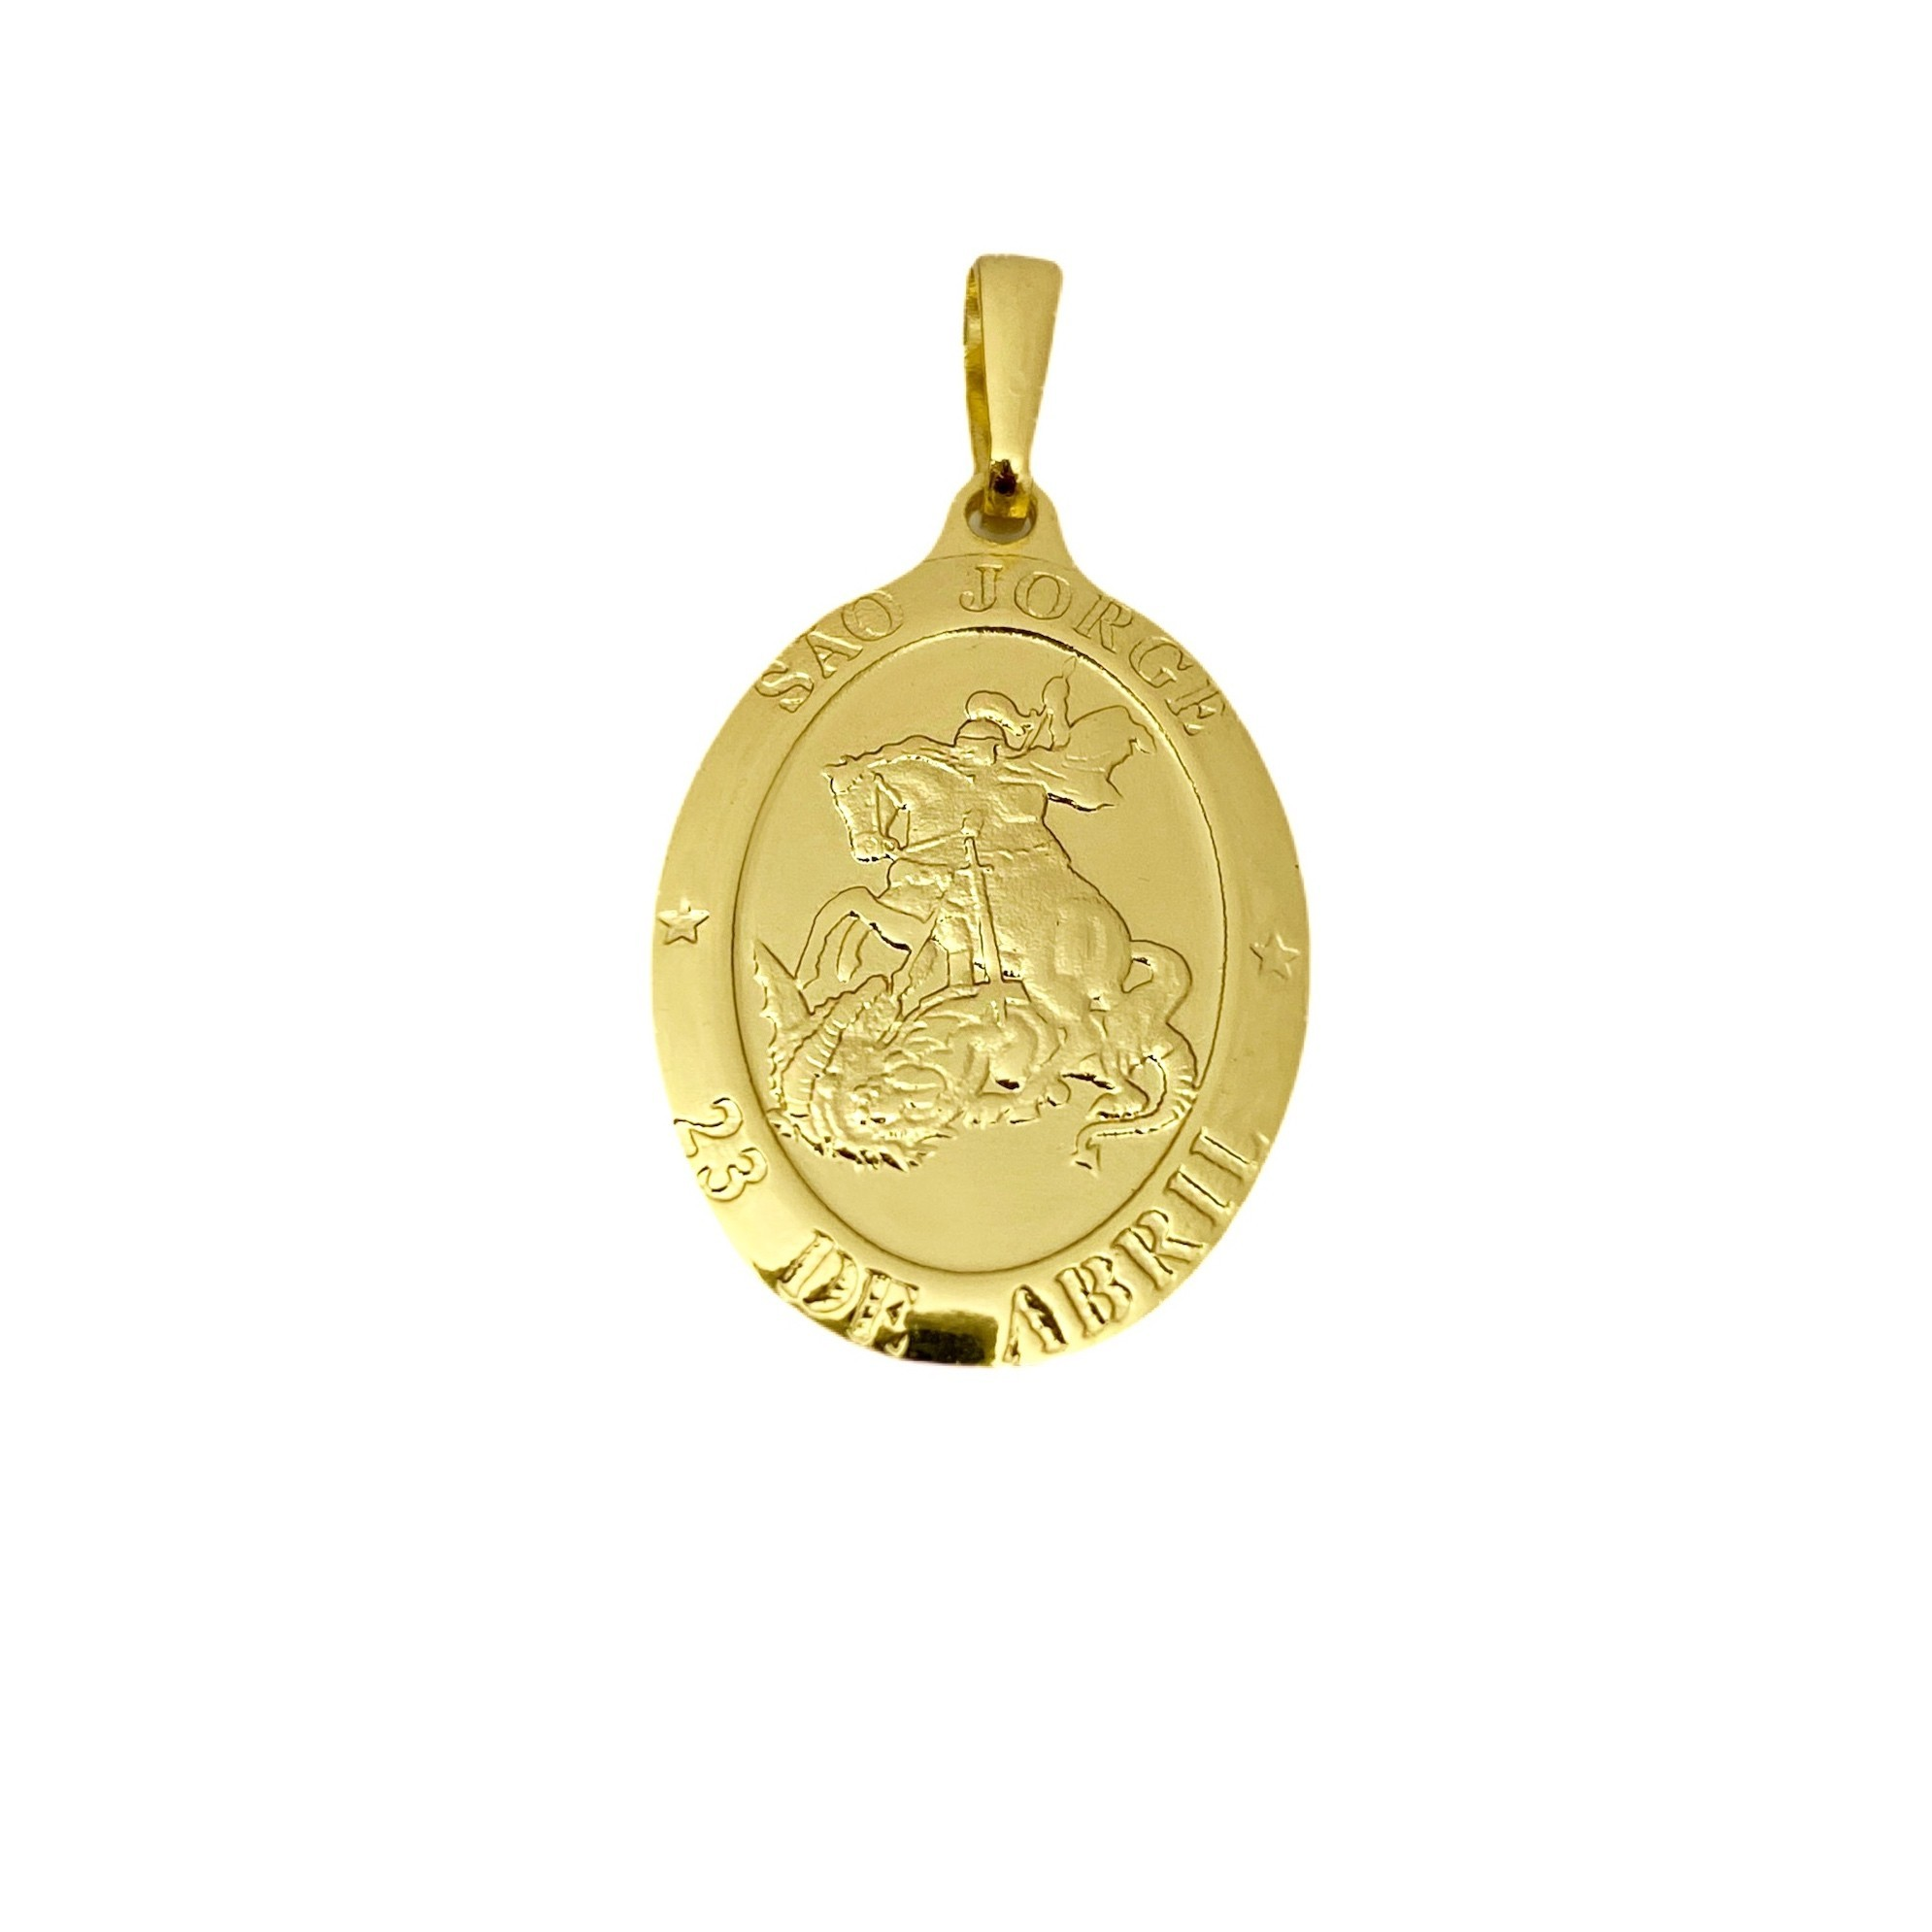 Conjunto Corrente 3 por 1 3mm 60cm 5,8g (Fecho Gaveta) + Medalhão de São Jorge 2,6cm X 1,7cm + Pulseira 3 por 1 3mm 3g (Fecho Gaveta) (Banho Ouro 24K)